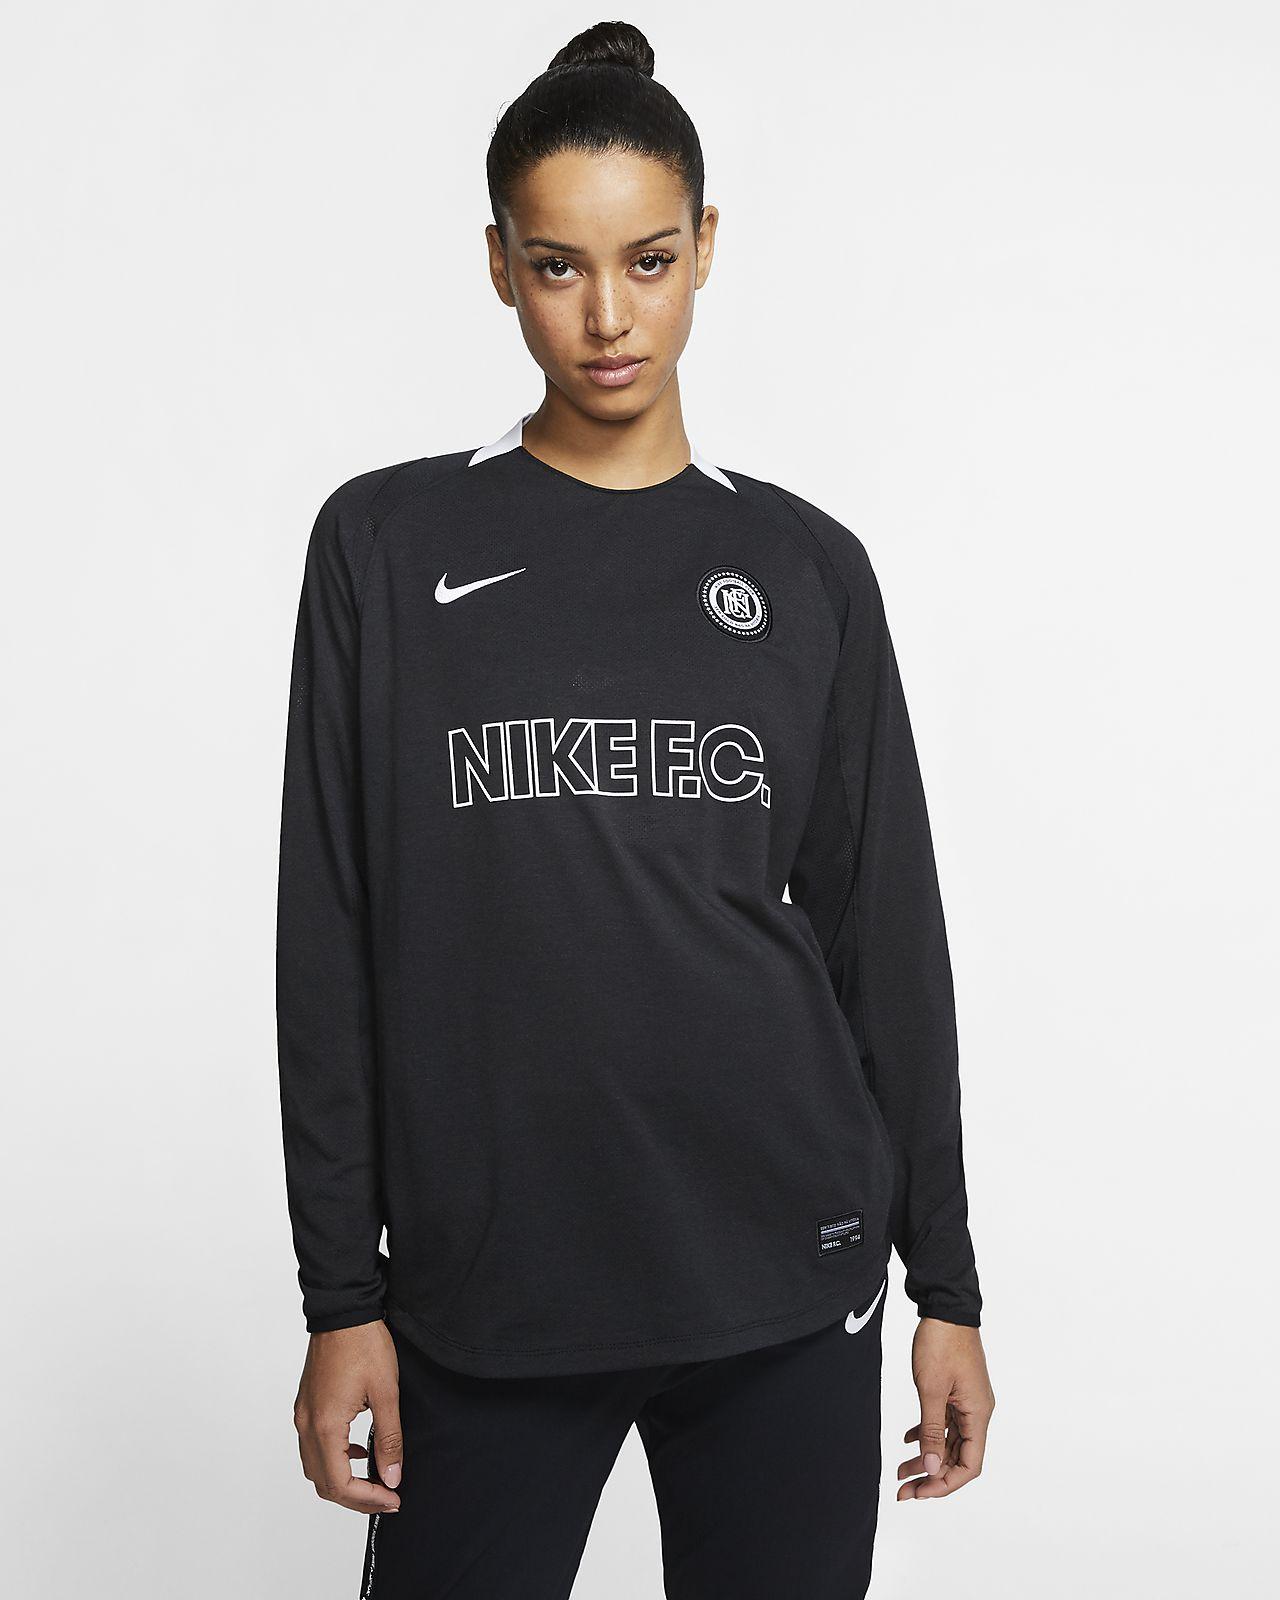 Nike F.C. Women's Long-Sleeve Soccer Jersey